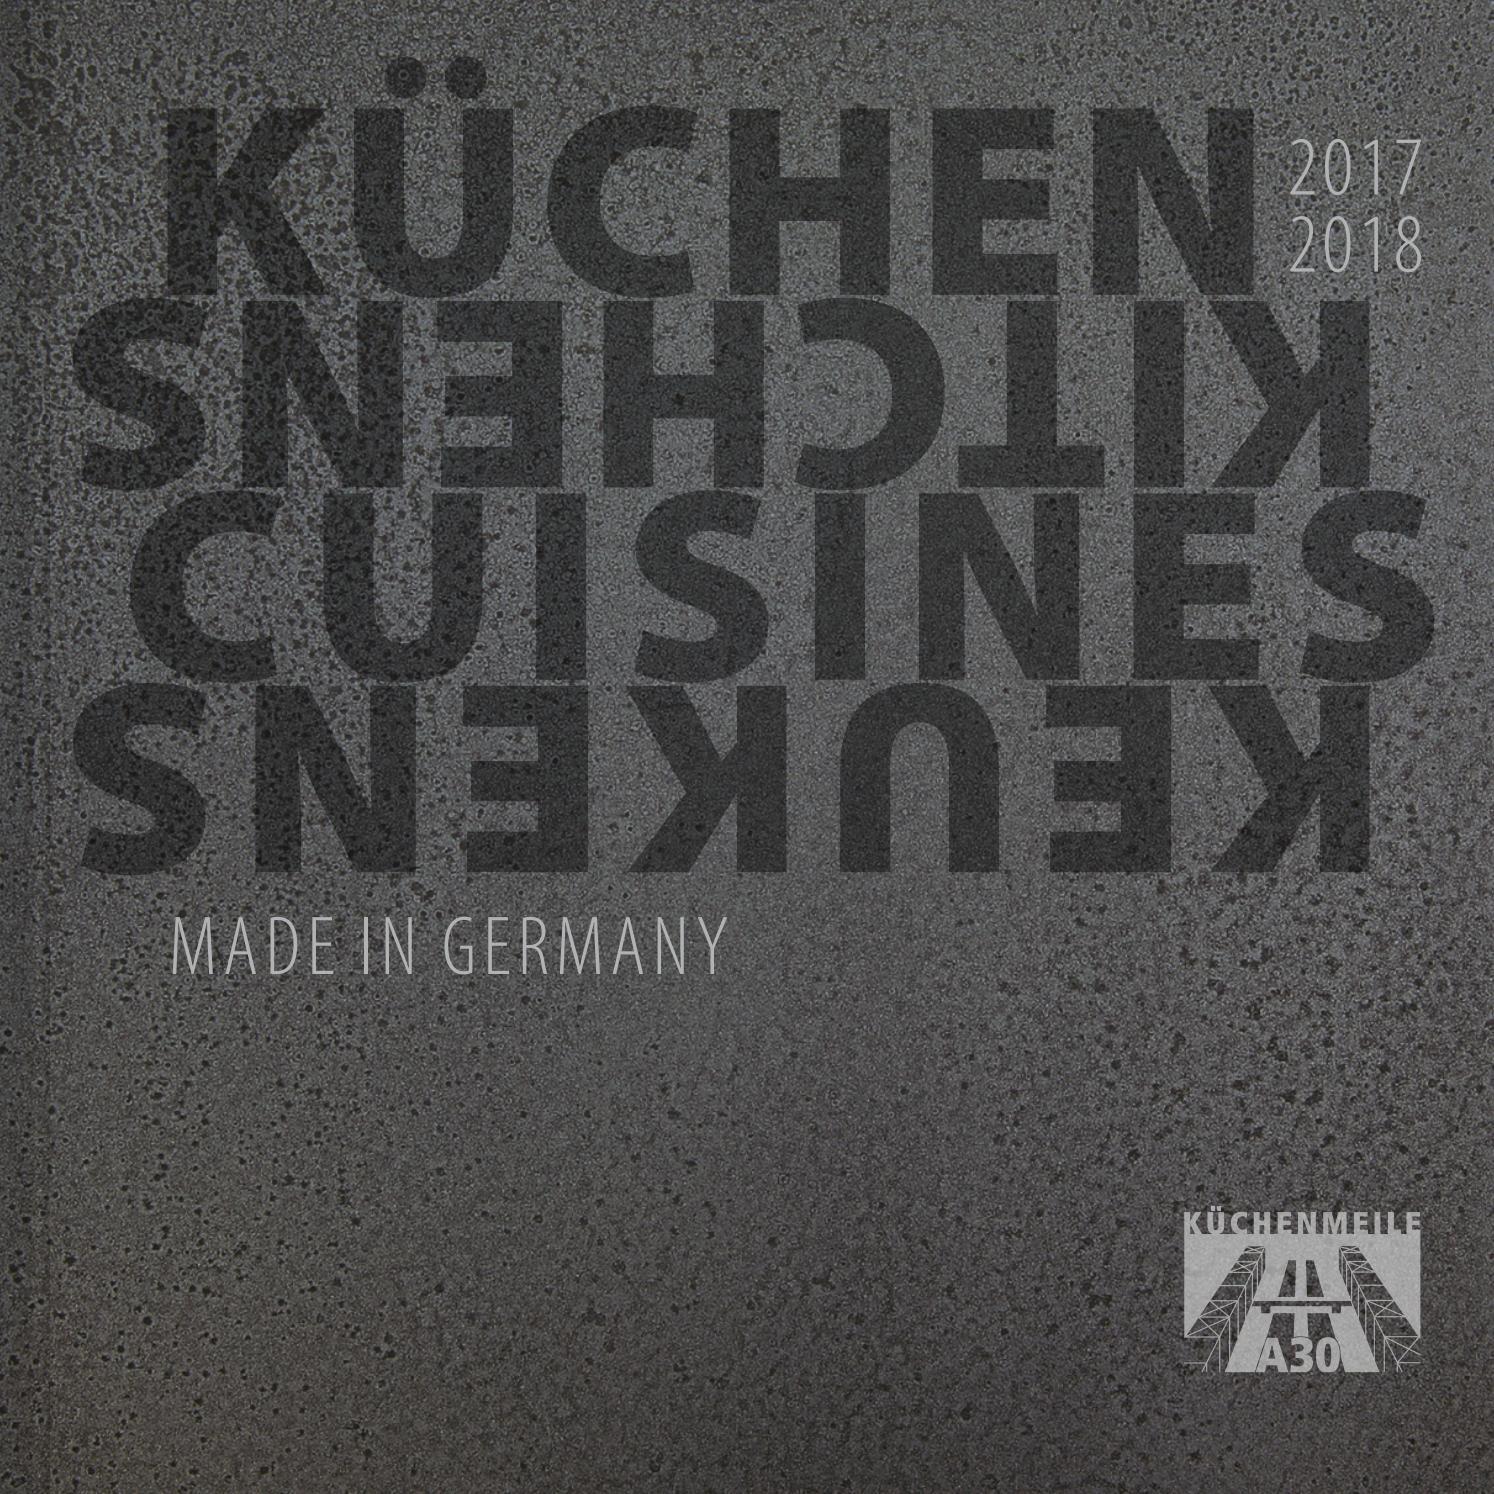 Küchenmeile 2017/2018 by Fachschriften Verlag - issuu